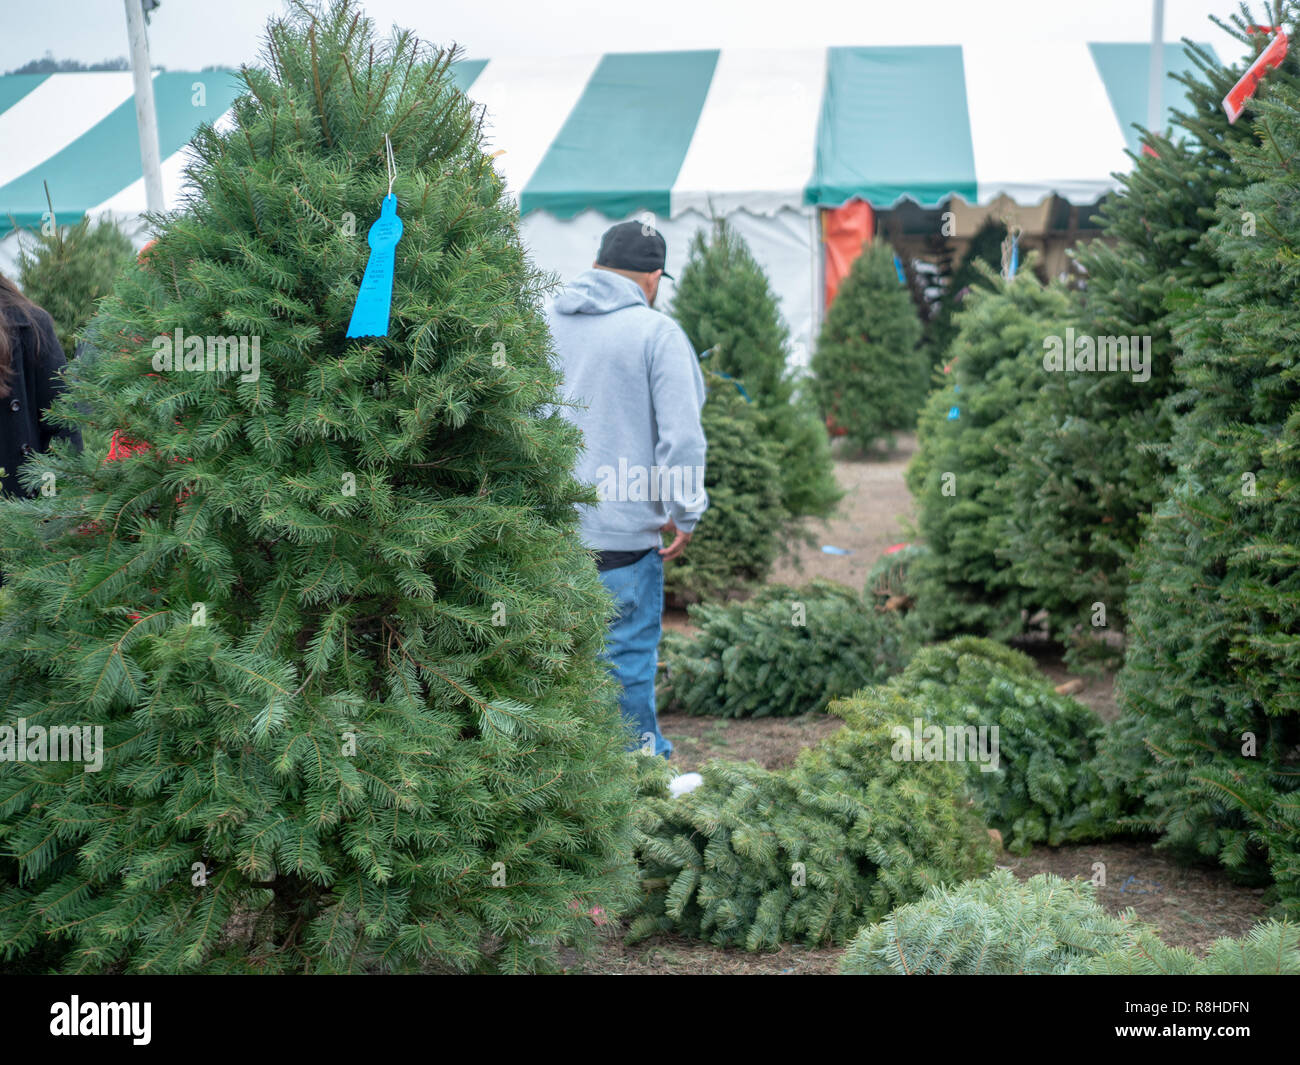 Mann in Baseball Cap nicht Weihnachten Xmas Tree Einkaufen in Baum Markt mit Douglas Fir Tree in Vor Stockbild